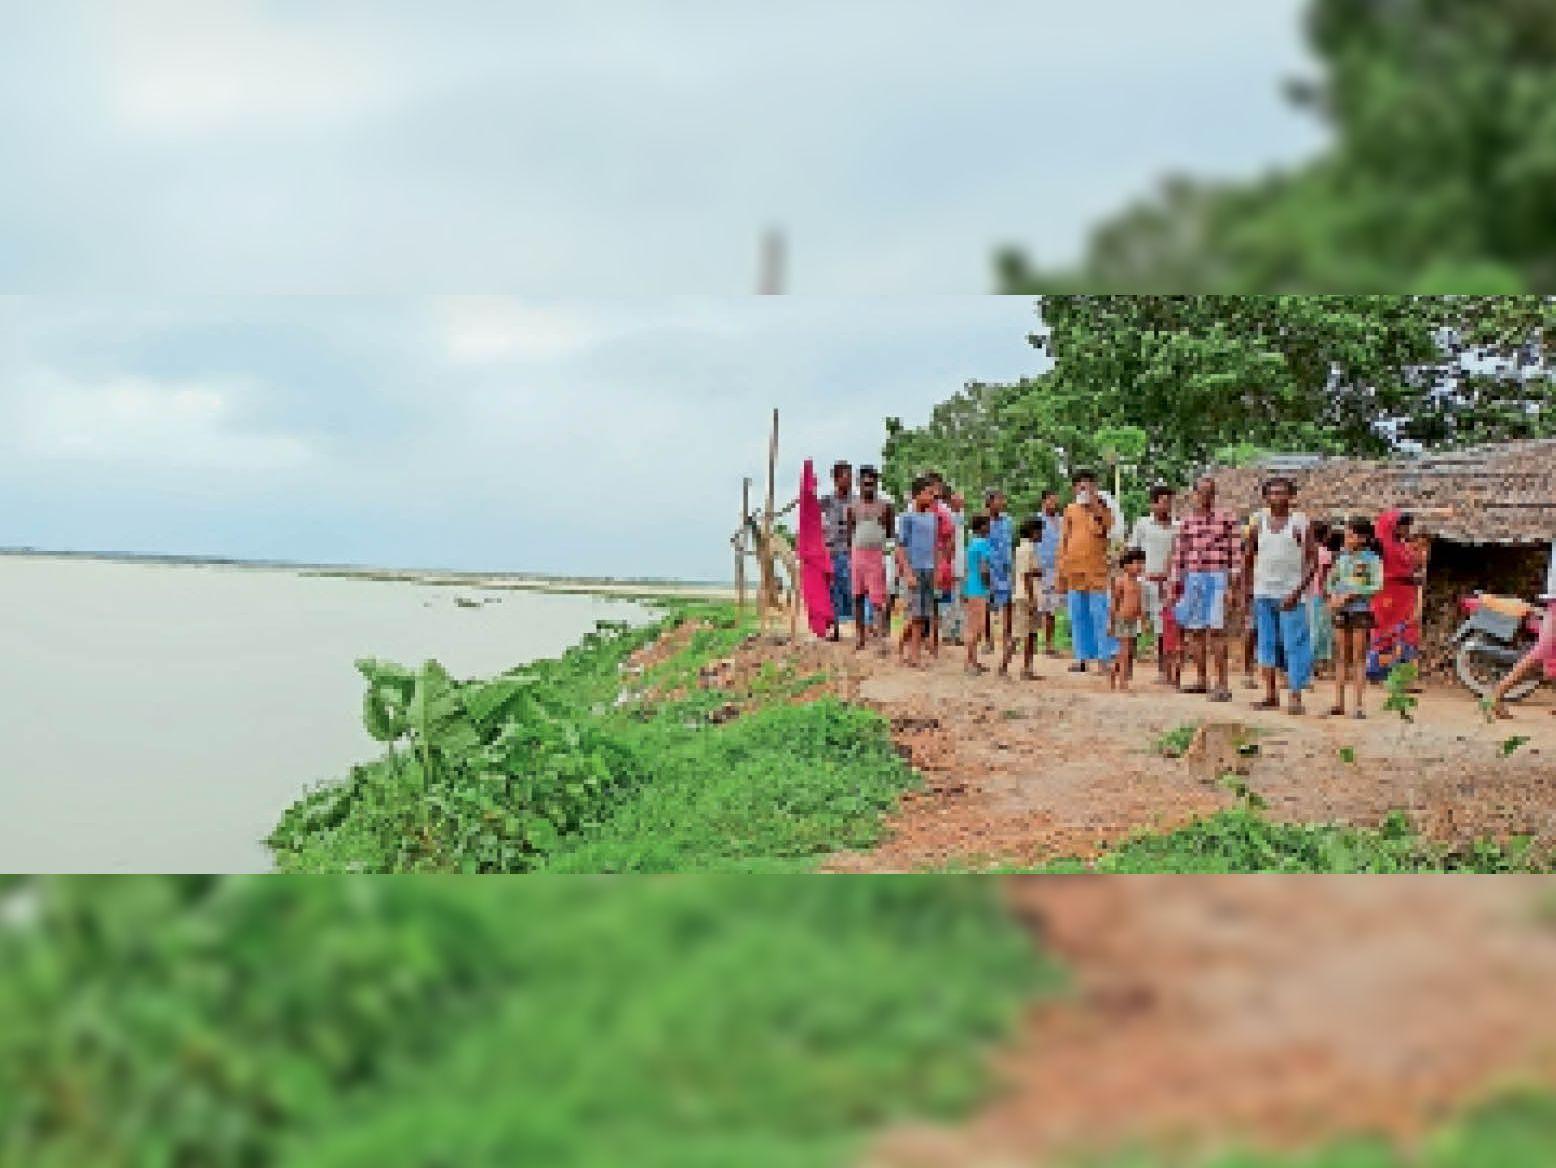 बैसा के कंफलिया पंचायत का असजा शर्मा टोली, जहां कटाव शुरू हो चुका है। 350 घर खतरे की जद में आ गए हैं। - Dainik Bhaskar